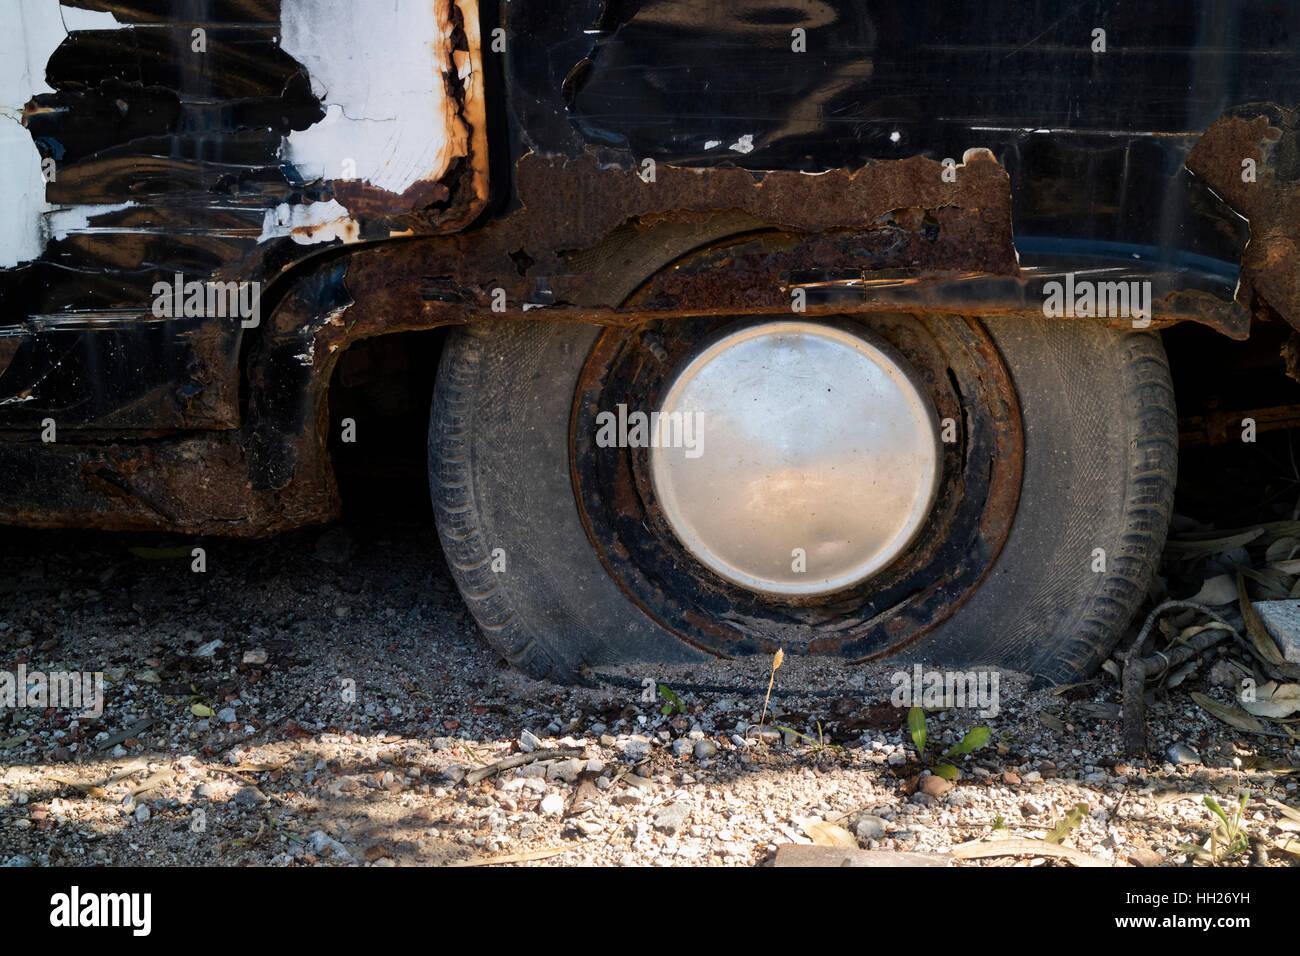 Detalle de una rueda del vehículo oxidado envejecido Imagen De Stock